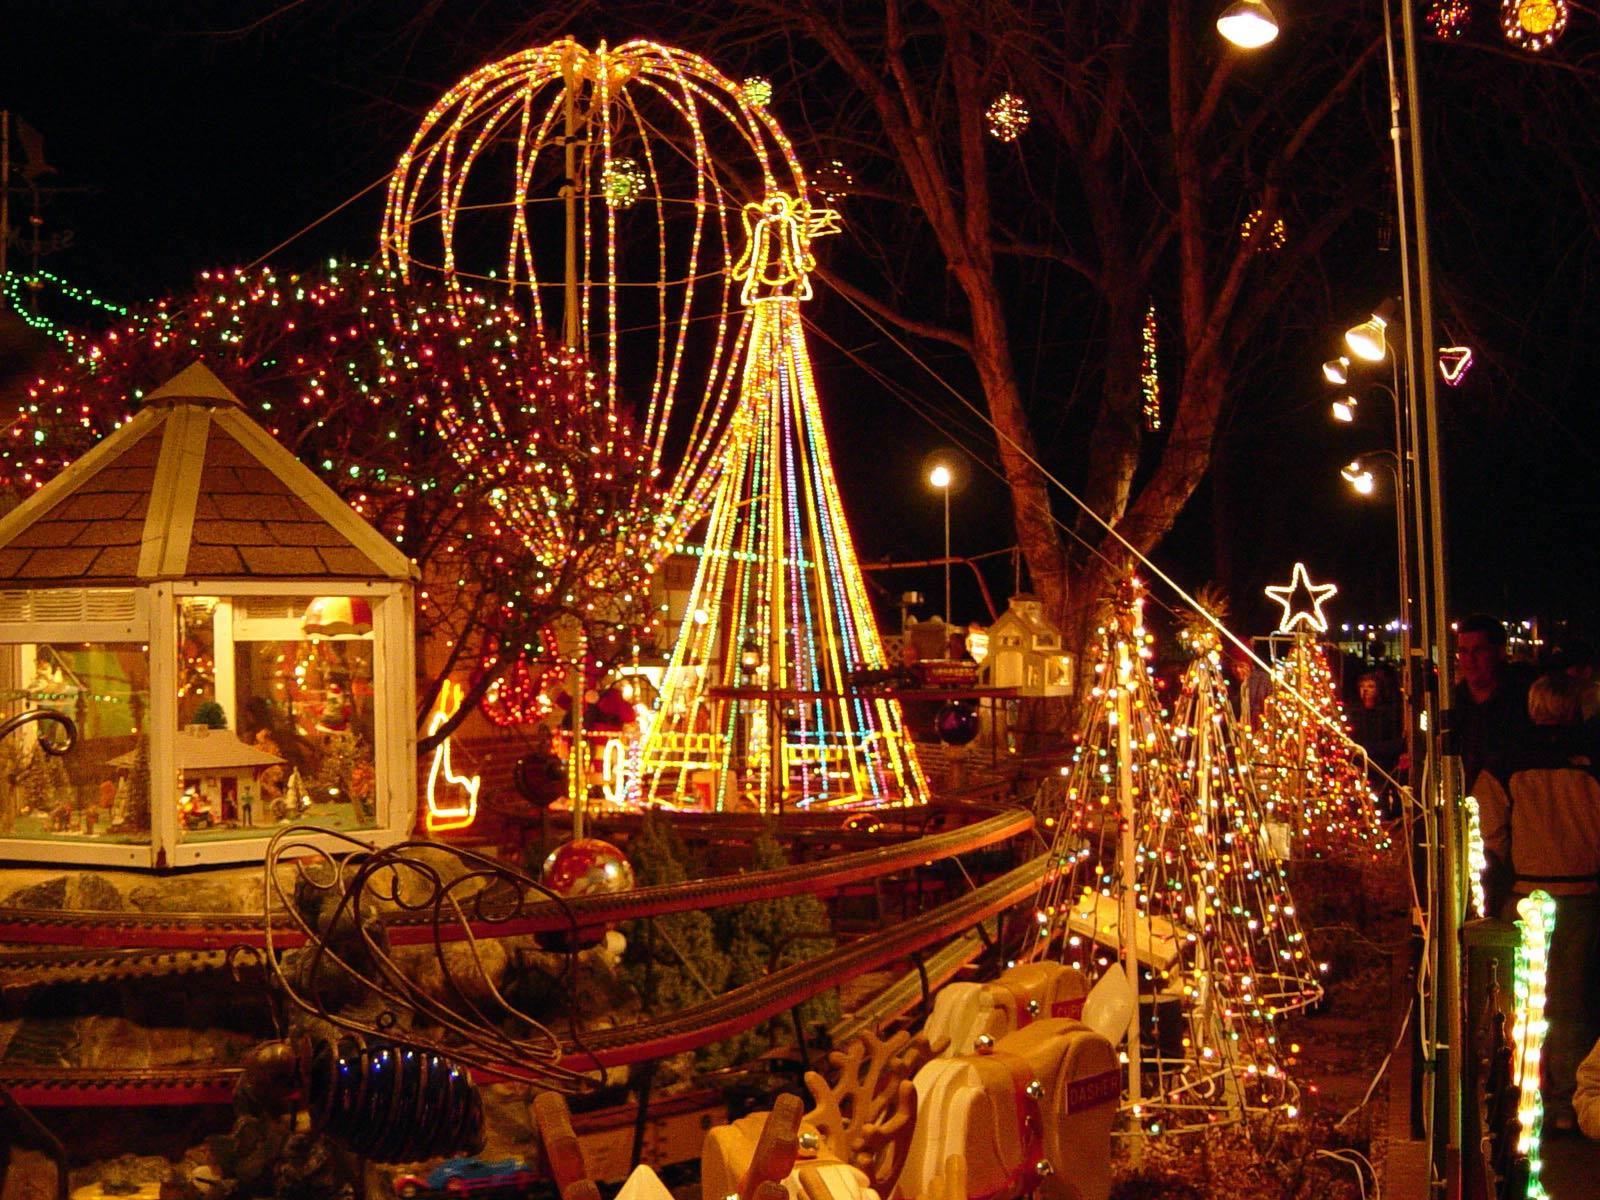 http://3.bp.blogspot.com/_eQBDaAxvhmc/TPQED4FlKwI/AAAAAAAABBI/jcnsb9TGhy8/s1600/christmas_lights_tour.jpg